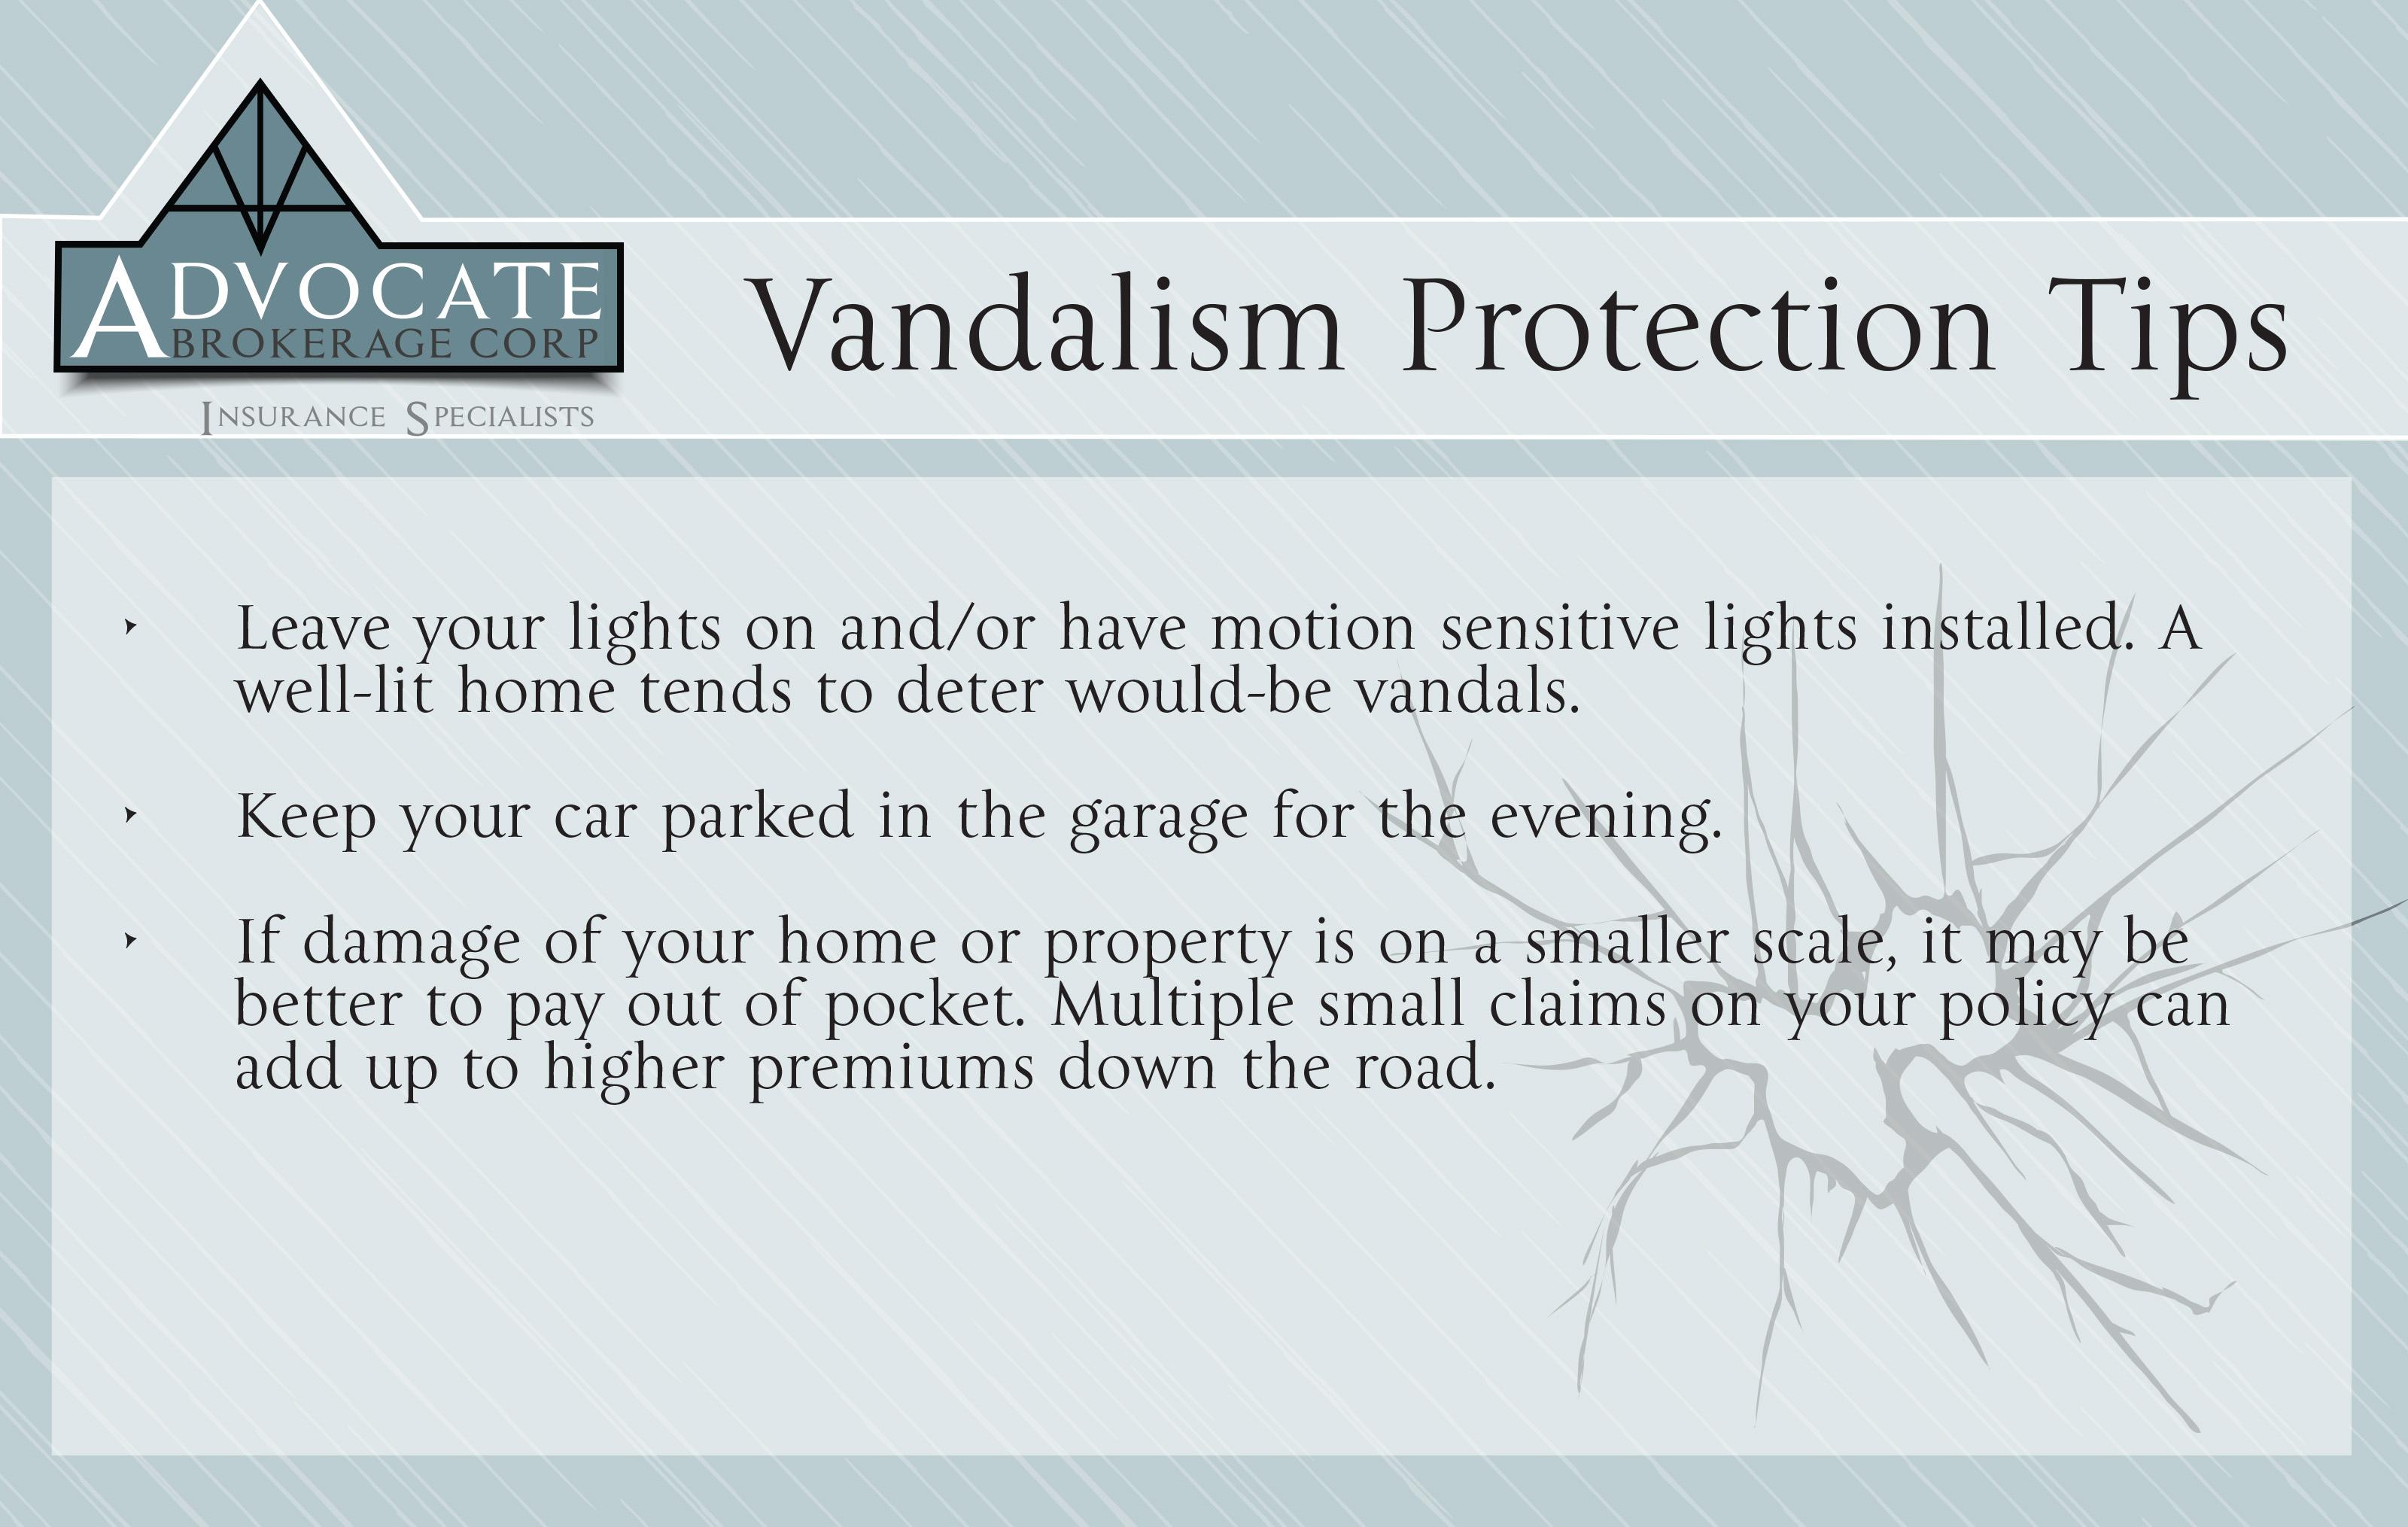 VandalismProtectionTips